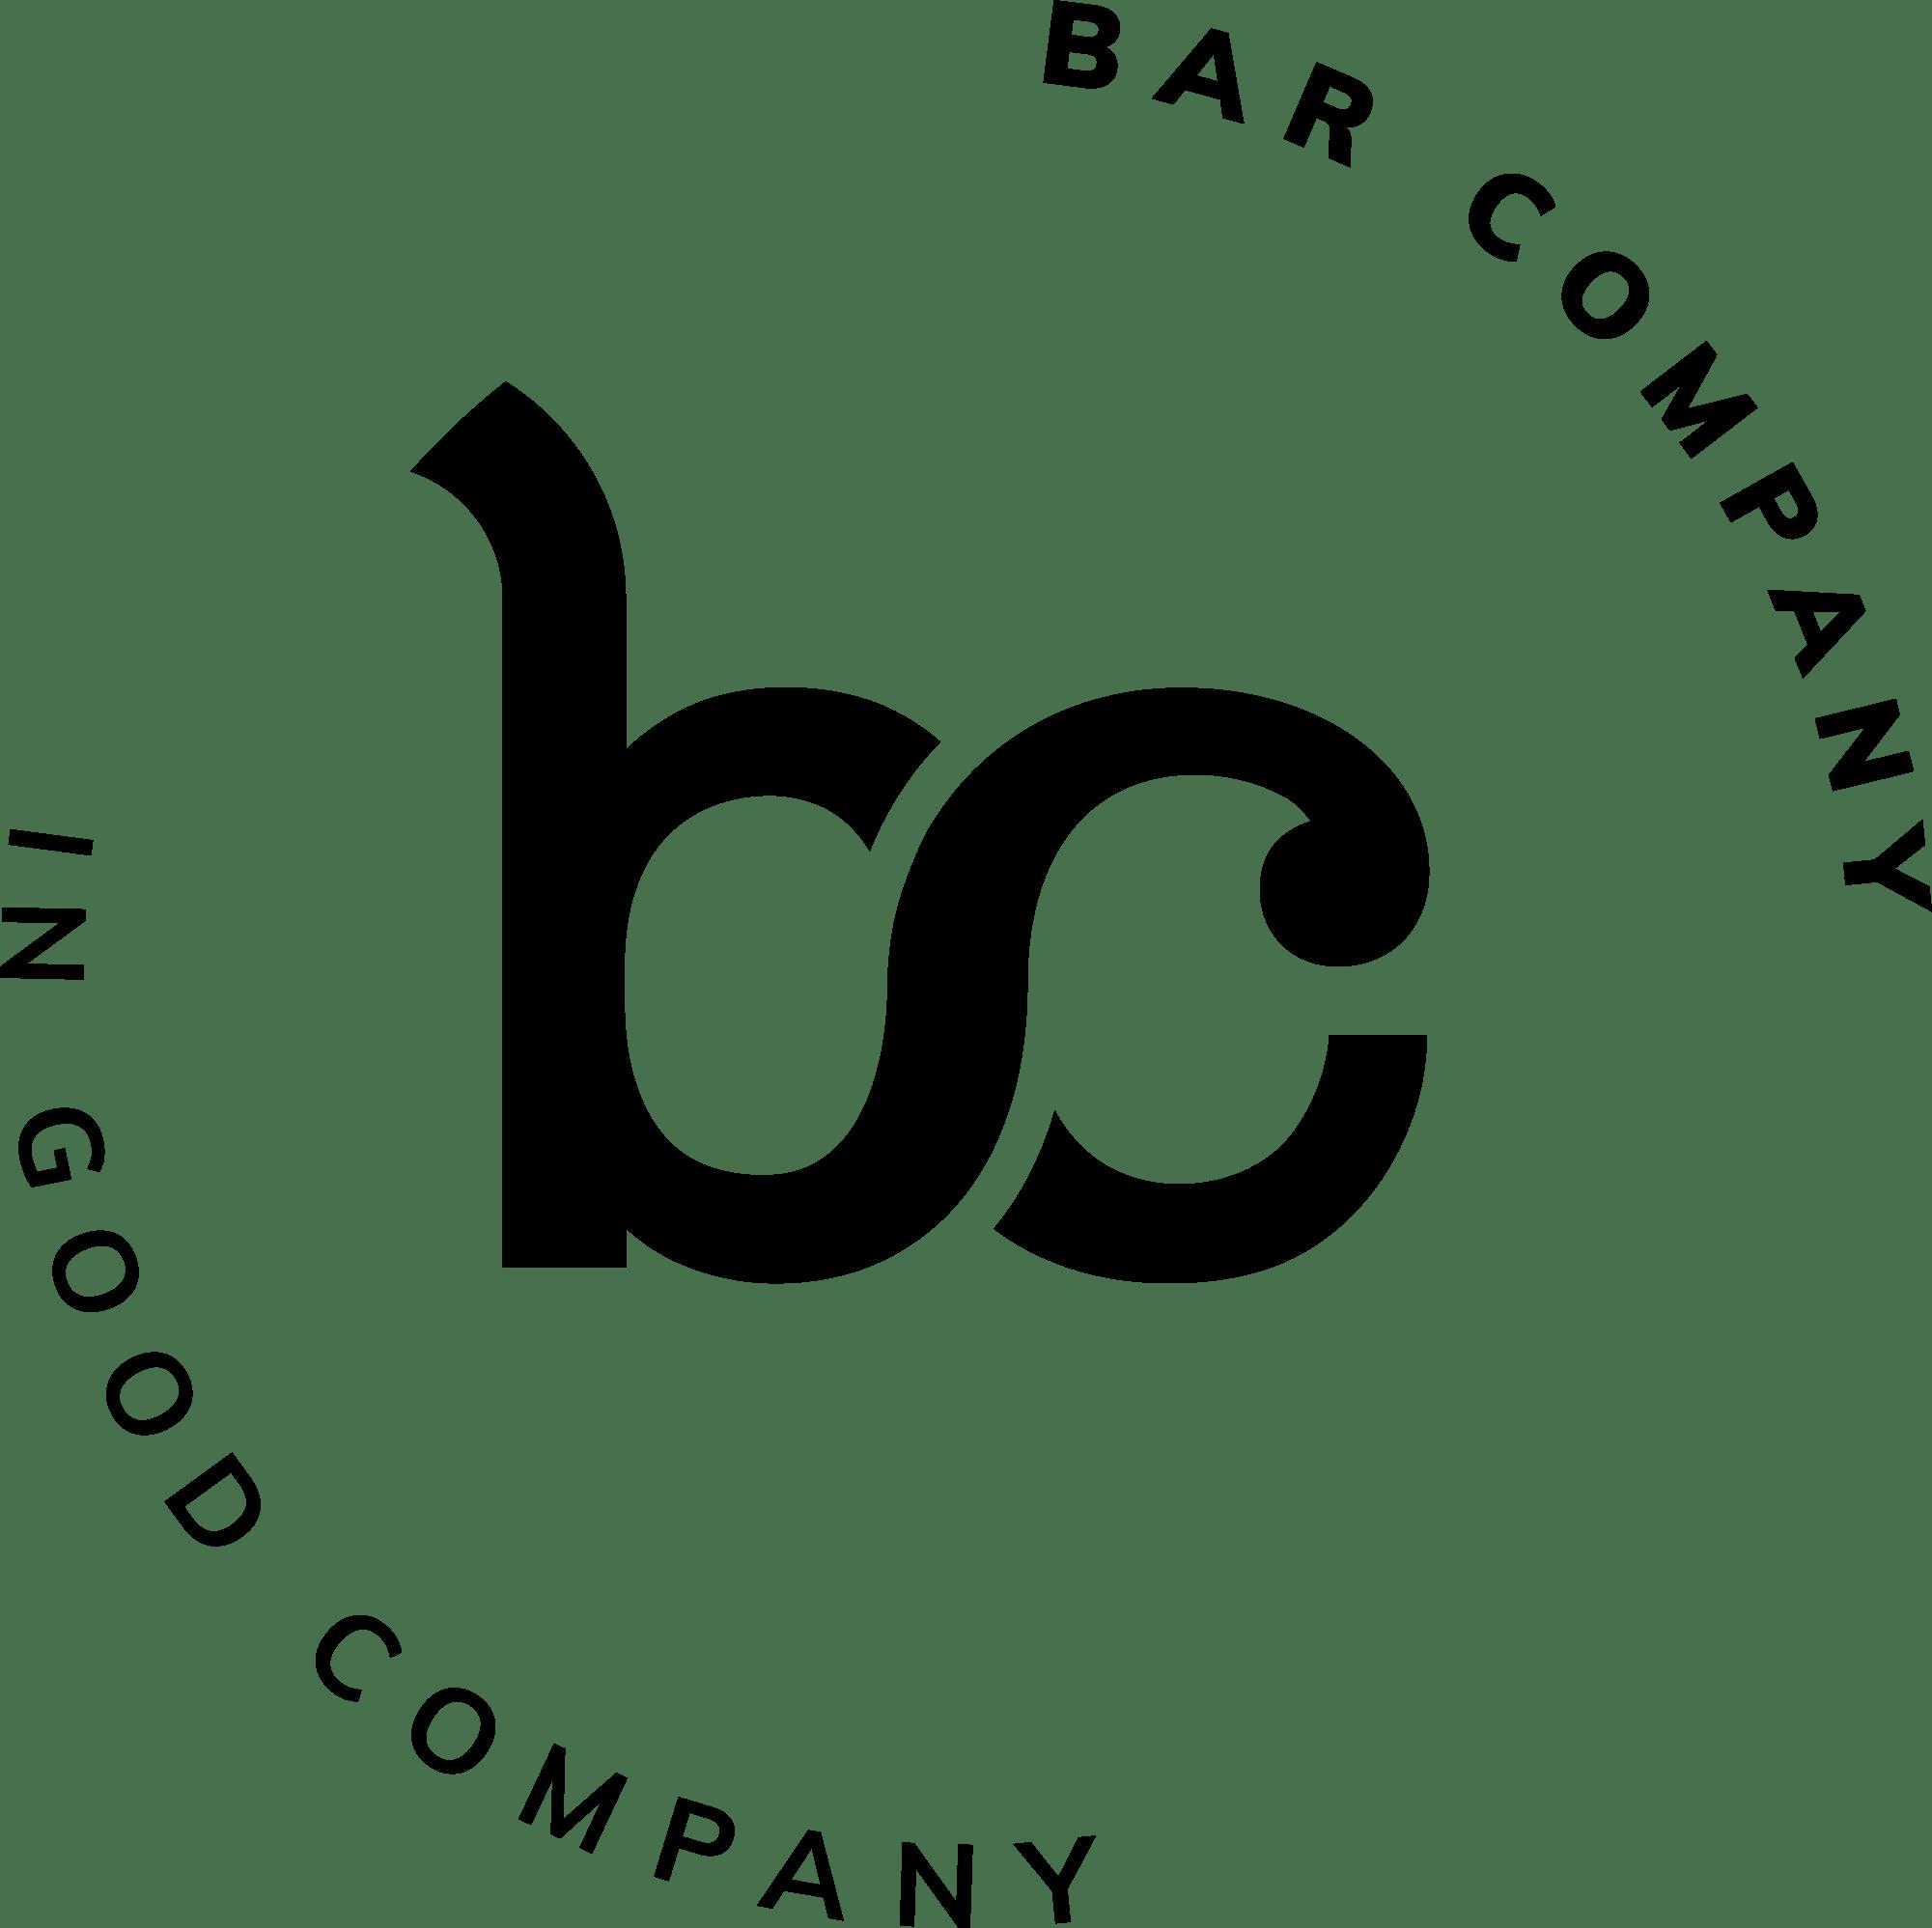 Bar Company - In good company